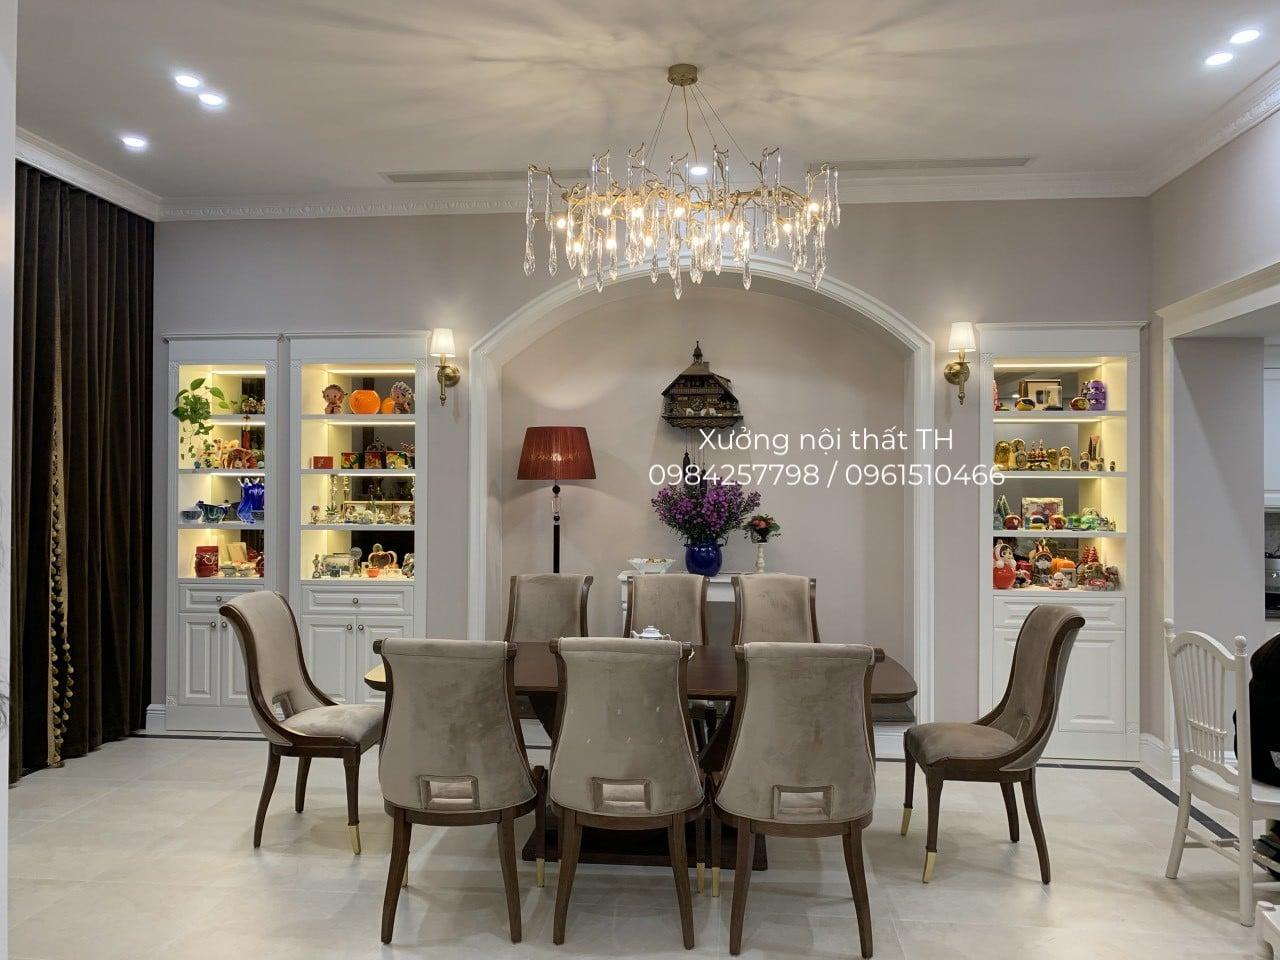 Bộ bàn ăn 8 ghế Caracole sang trọng, đẳng cấp đặt trong không gian biệt thự xa hoa, lộng lẫy